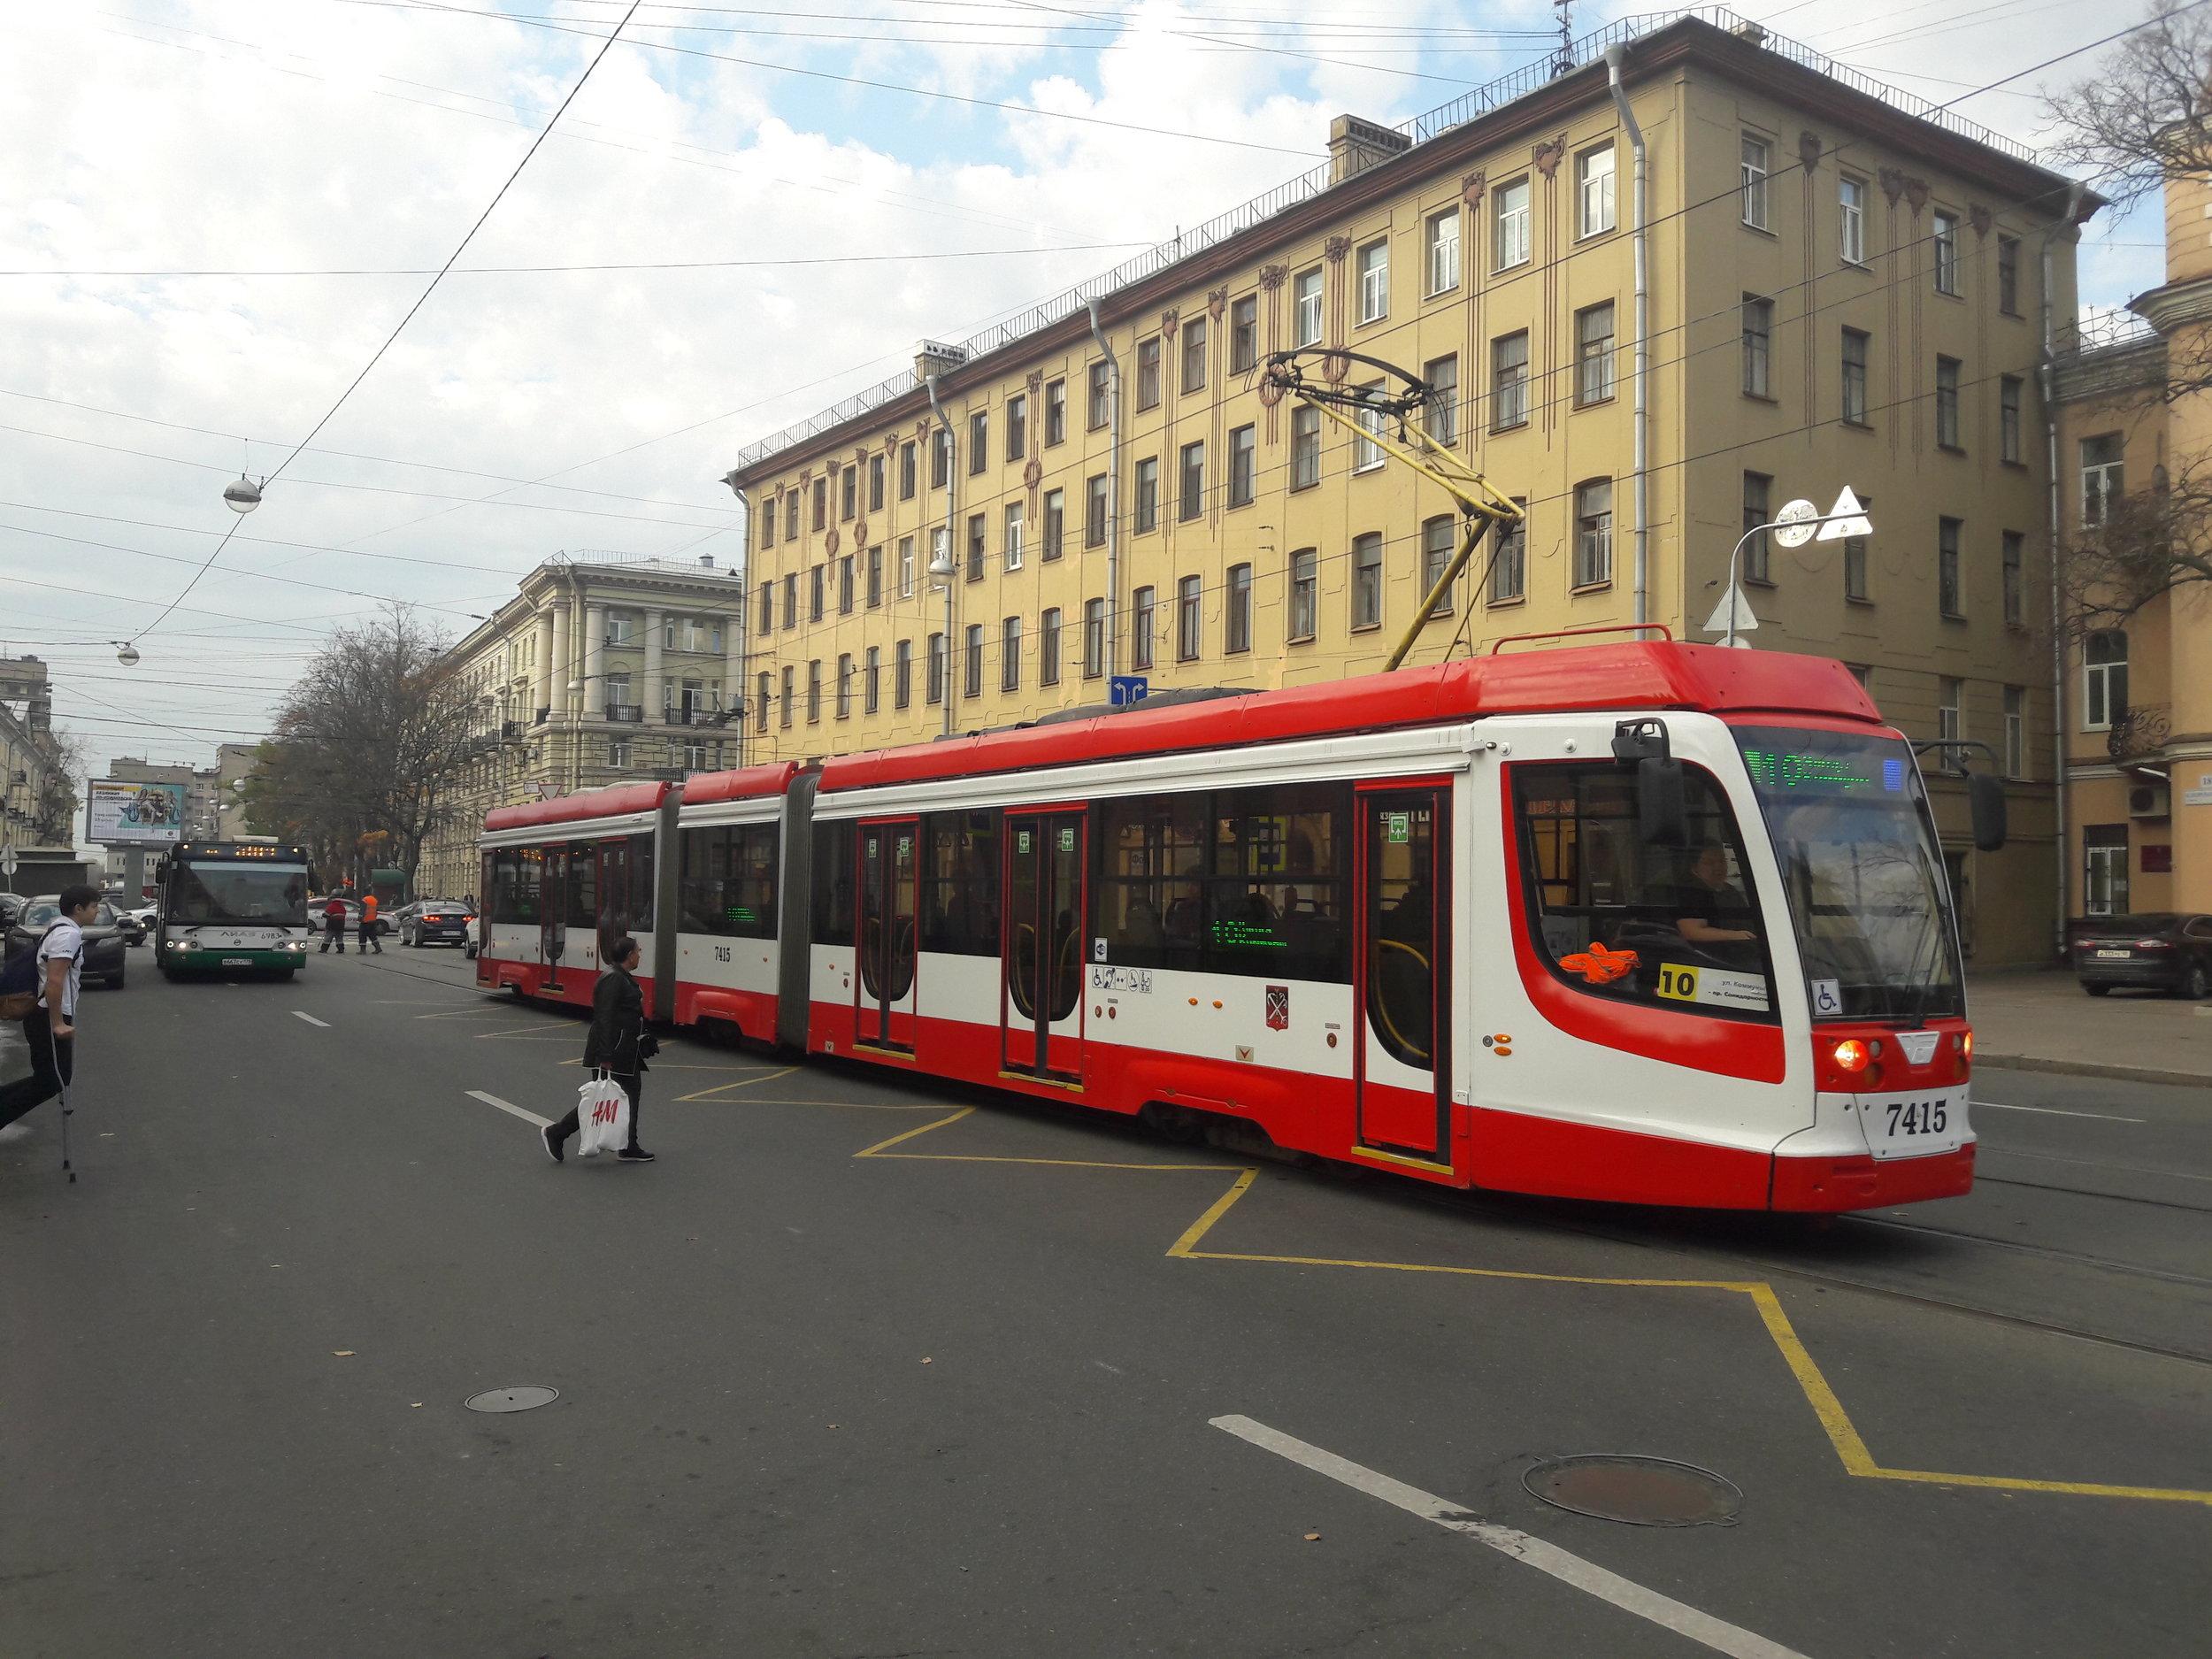 """Výchozí verze 71-631 byla dodána do Petrohradu v letech 2013 a 2014. Kromě toho jsou ještě ve městě v provozu obousměrné (se dveřmi na obou stranách a dvěma kabinami) podtypy 71-631-02 (15 ks) a 71-631-02.02 (16 ks, jiná výzbroj). Dále existuje v inventáři ještě jeden jednosměrný """"bratr"""", a sice podtypu 71-631-01, odlišující se předsuvnými dveřmi. Momentálně je tento jediný dosud vyrobený kus ev. č. 7405 (r. v. 2011) od dubna roku 2018 kvůli problémům v pohonné části mimo provoz. Dodejme, že Petrohrad je hotovou sbírkou různých tramvajových (pod)typů, momentálně jich pro provoz eviduje přes 30! (foto: Vít Hinčica)"""